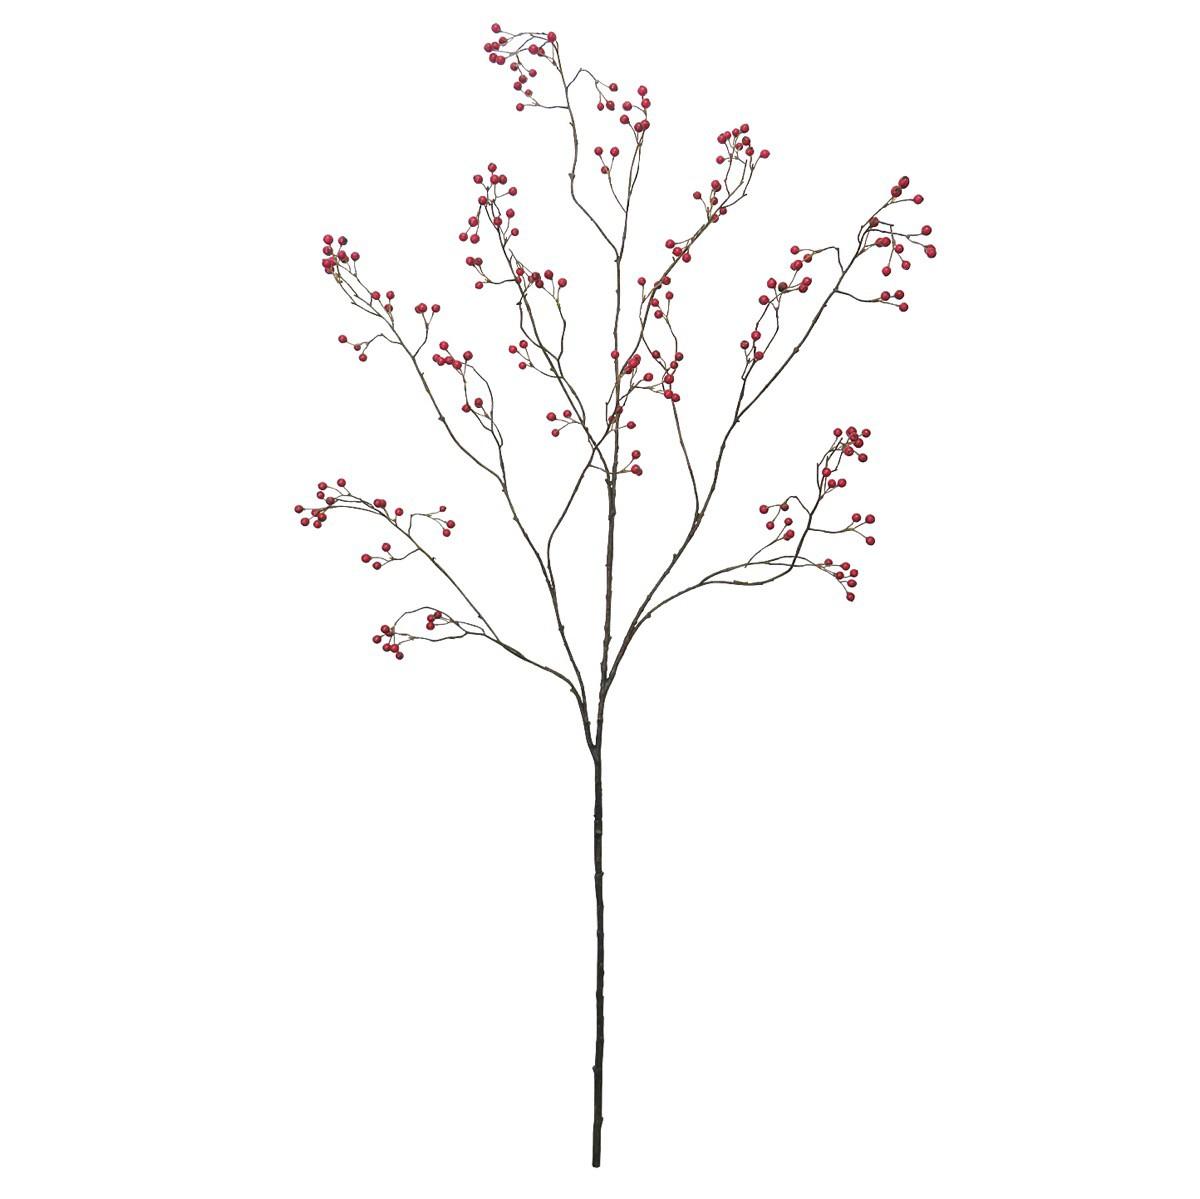 人工観葉植物 フェイクグリーン 観葉植物 造花 FIAN ベリーナチュラルブランチ レッド 135cm インテリア おしゃれ フェイク グリーン CT触媒 消臭